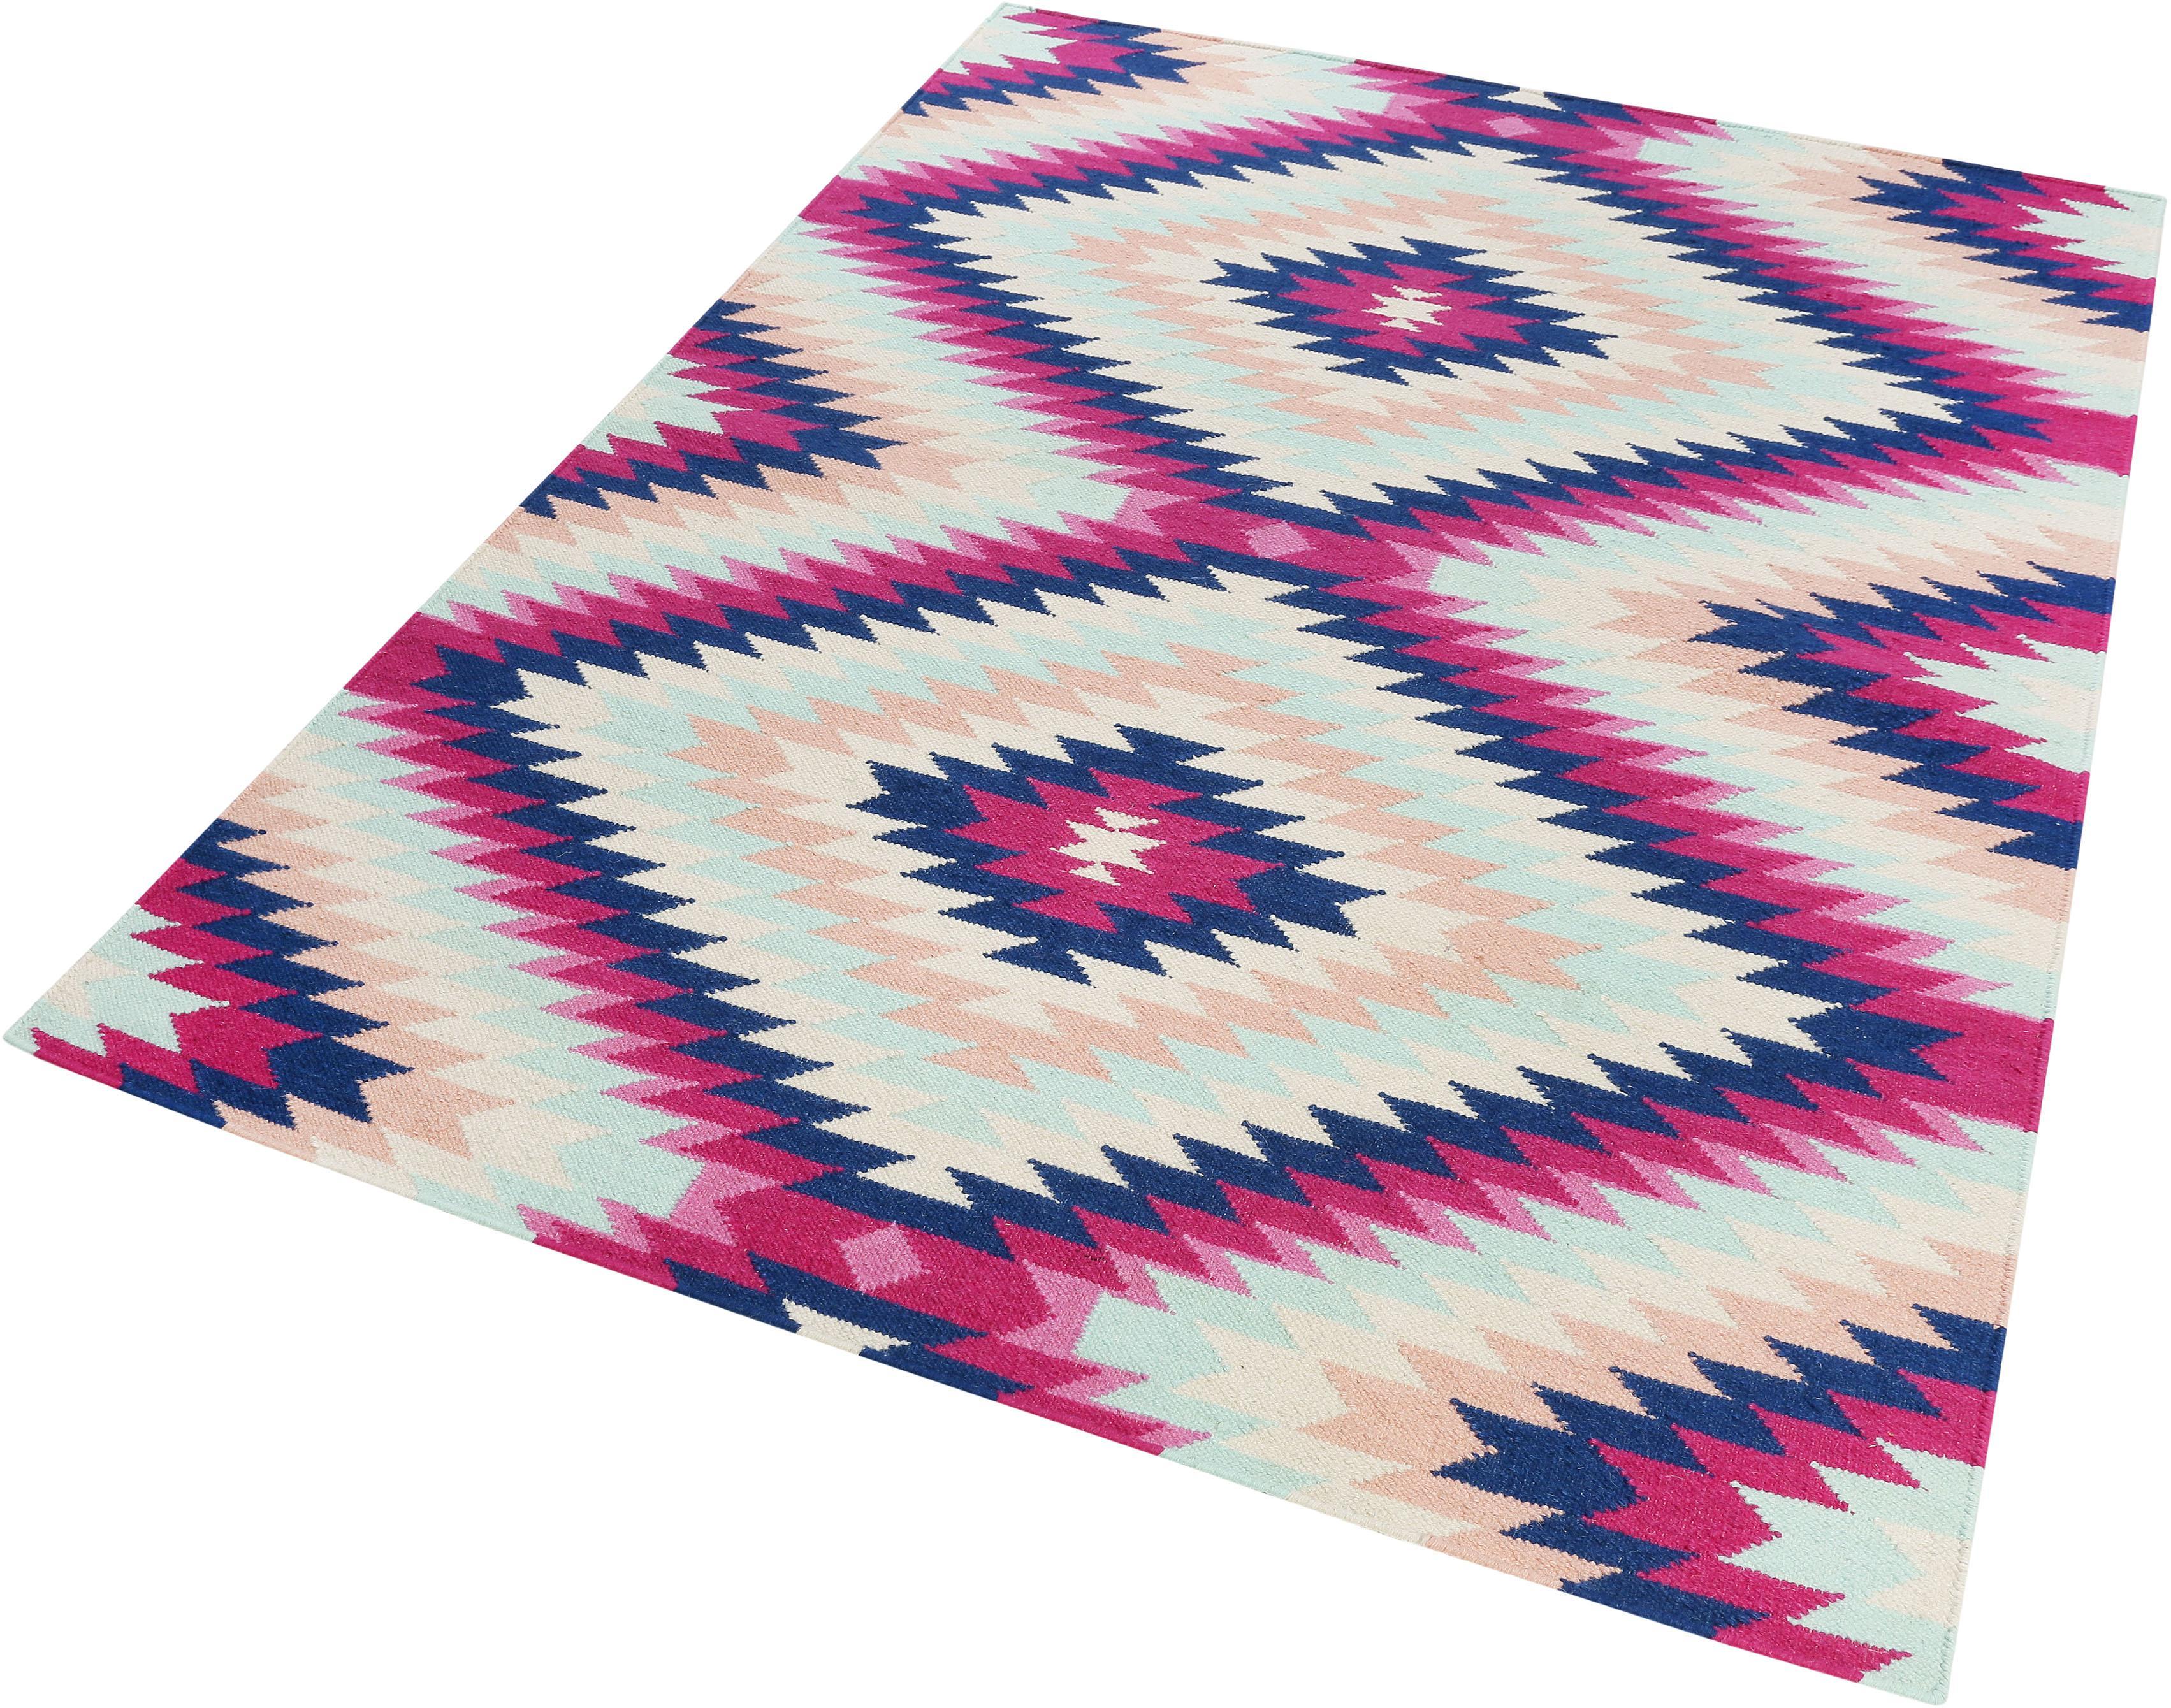 Wollteppich Aurel Accessorize Home rechteckig Höhe 5 mm handgewebt